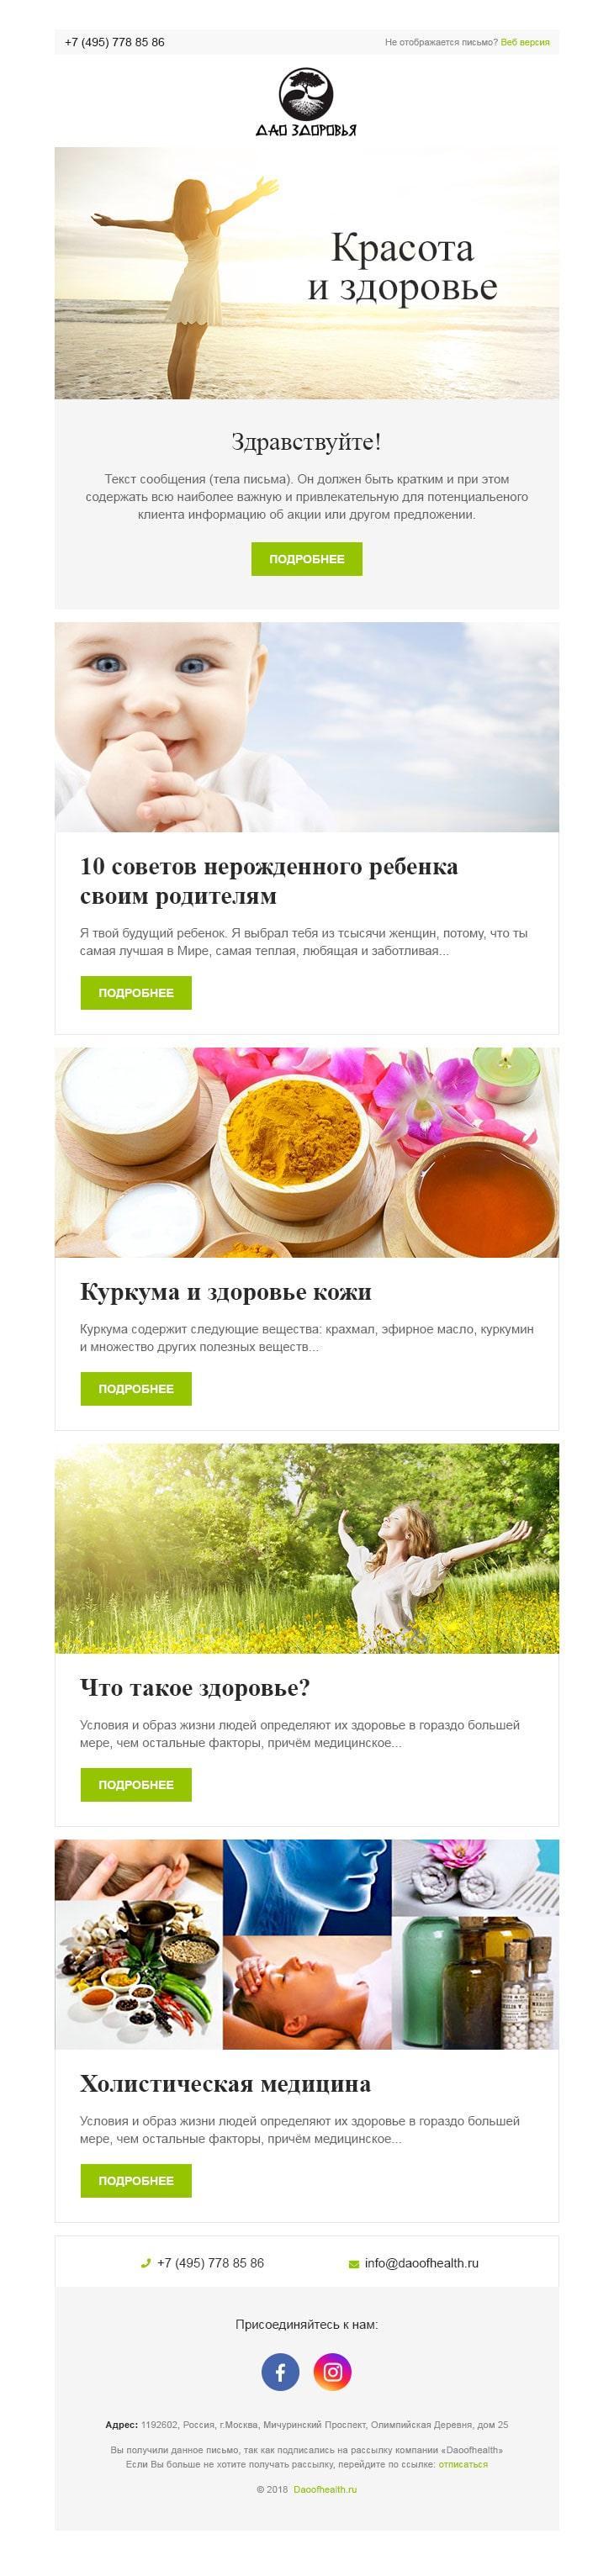 Услуги B2C Дайджест статей из блога о косметологии, красоте и правильном питании